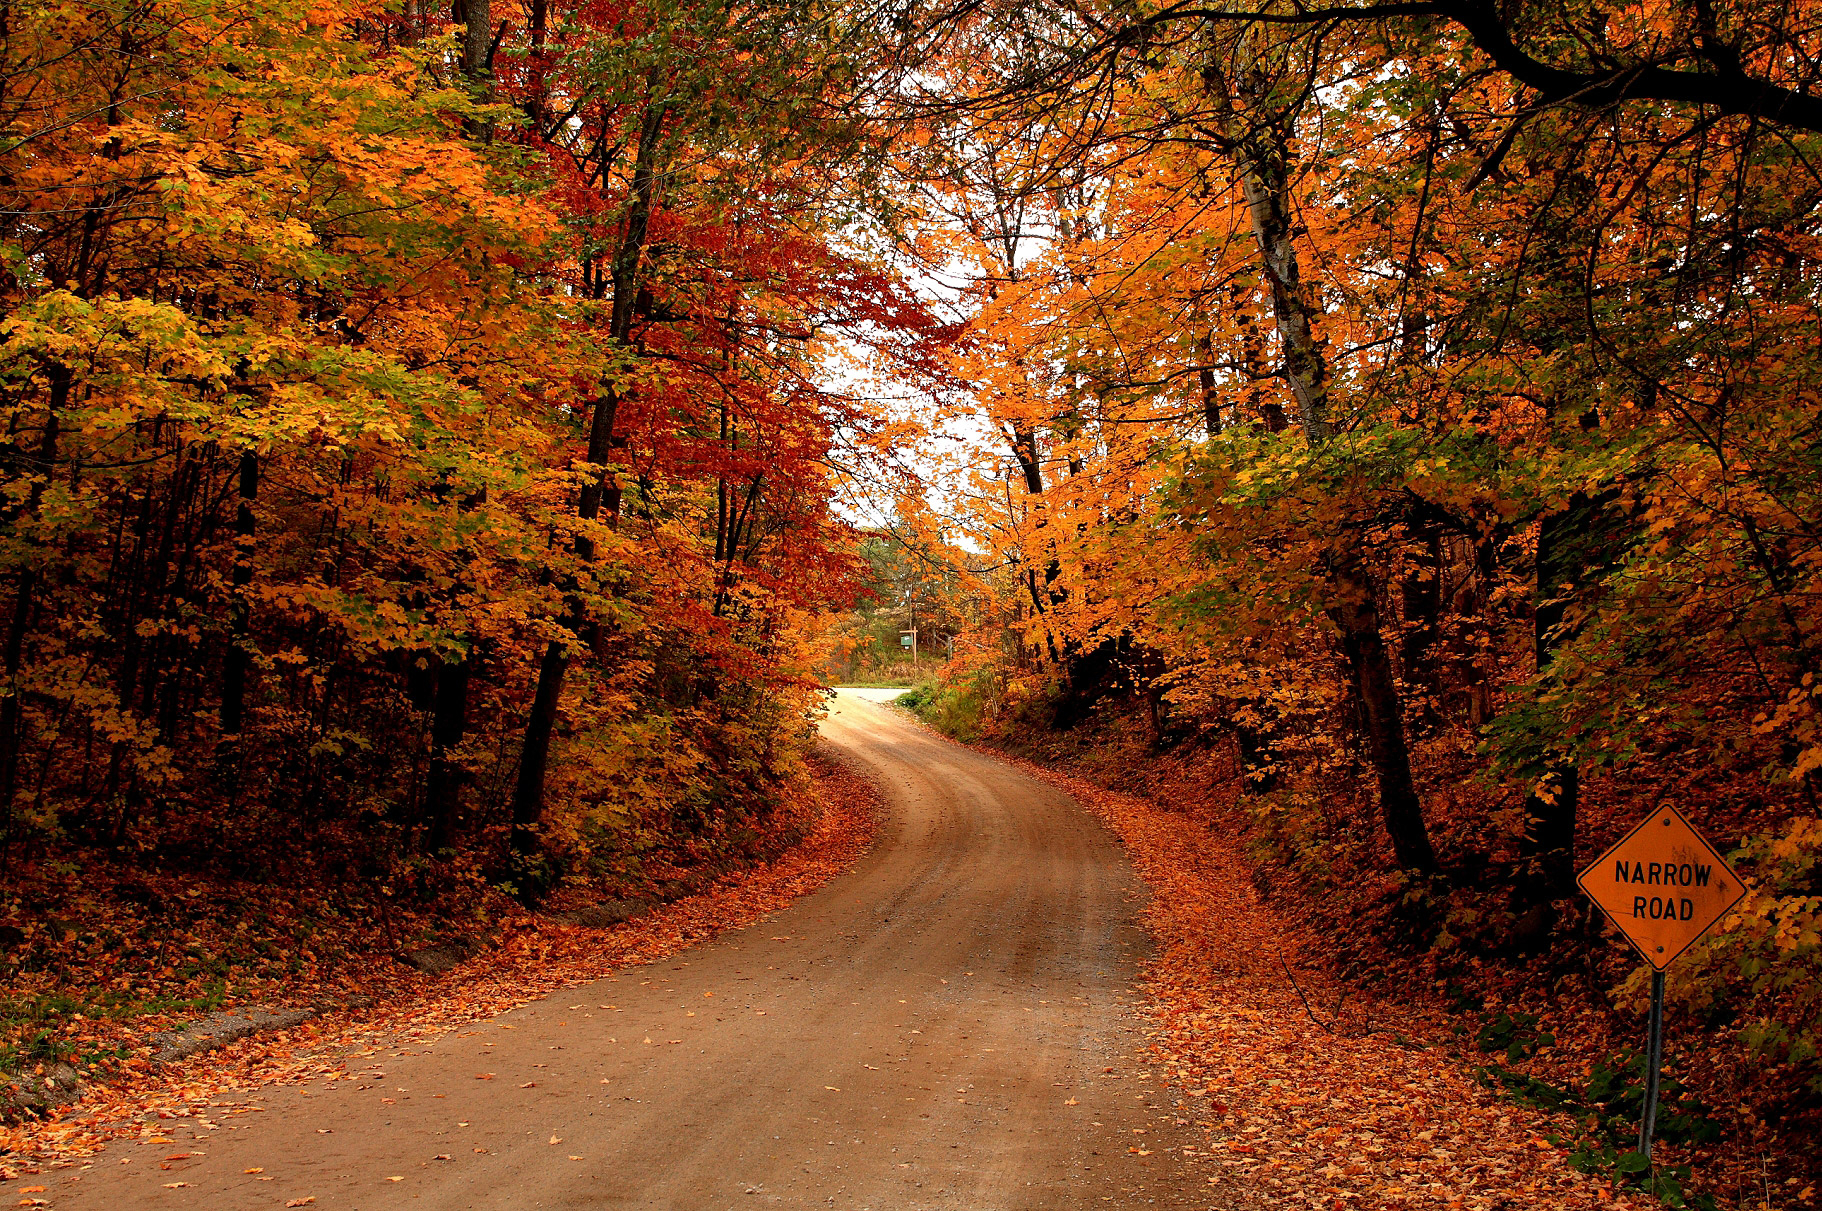 جاده ای به سوی پاییز